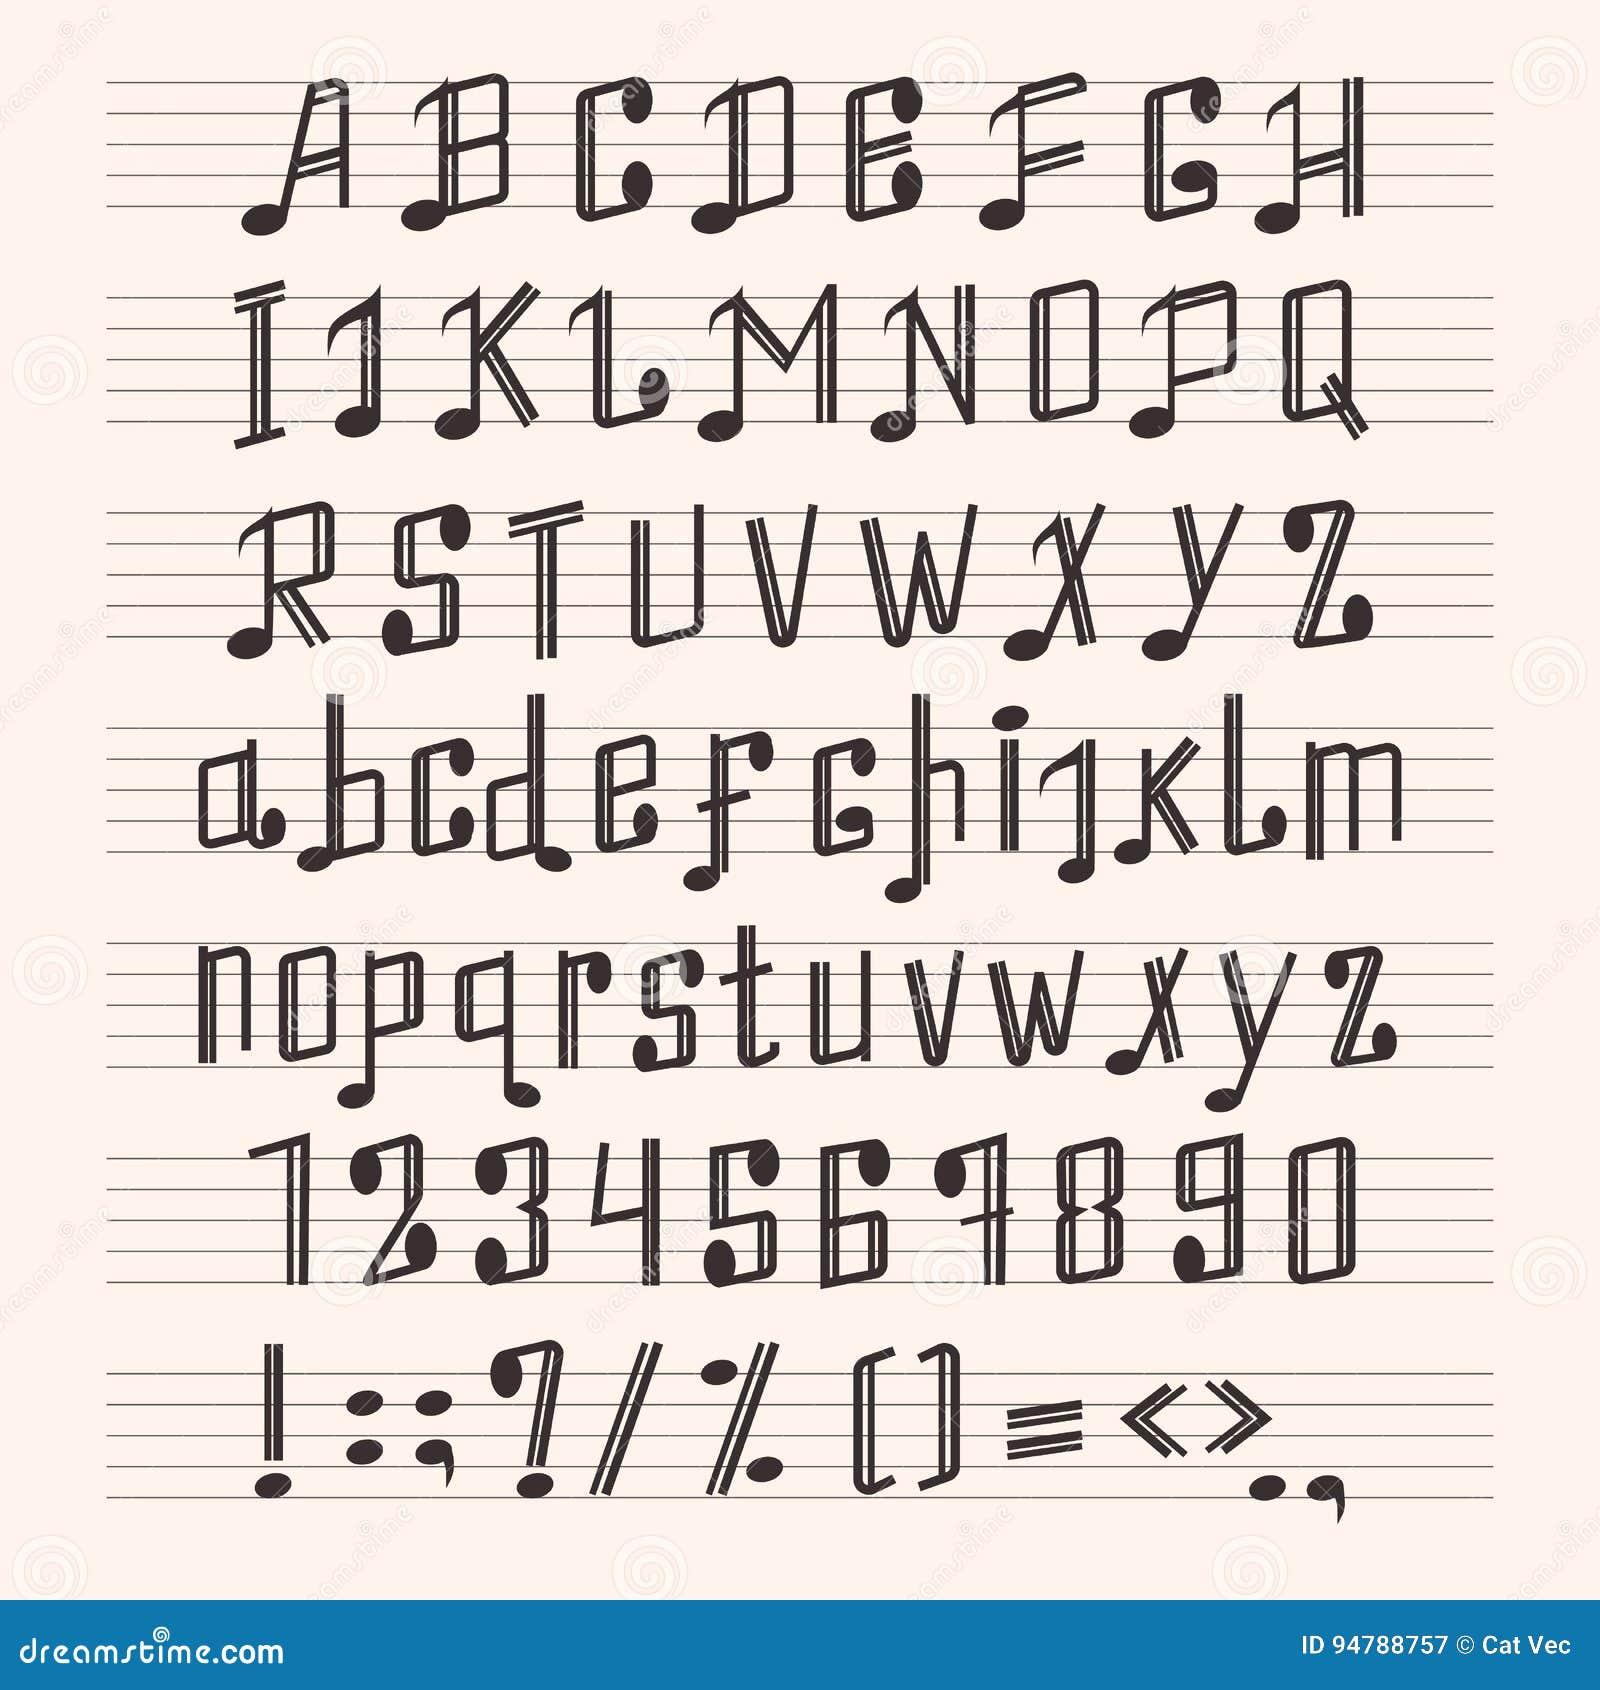 Musikalische dekorative Anmerkungsalphabetgusshandkennzeichenmusikergebnis-ABC-Typografie Glyph-Papierbuch-Vektorillustration